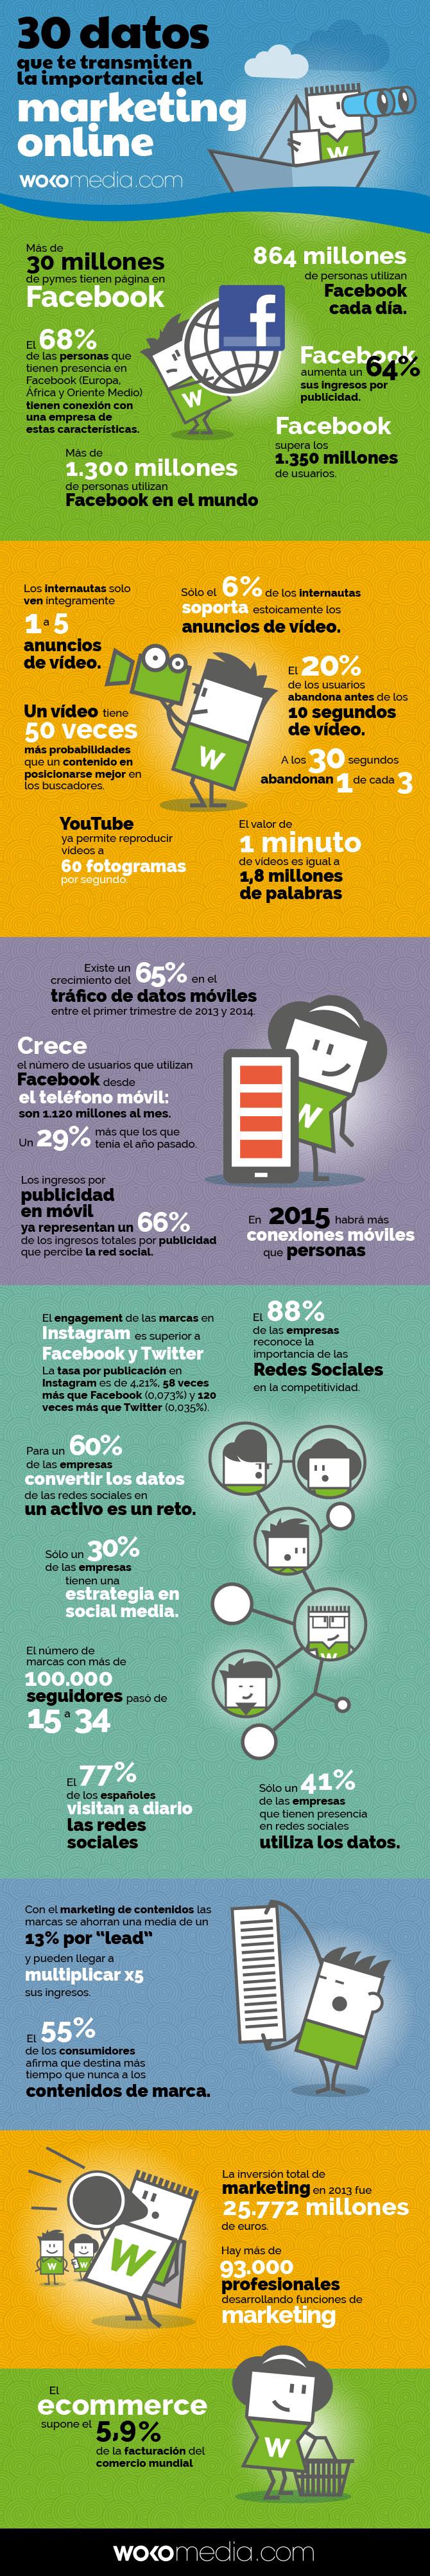 30 datos sobre la importancia del marketing online